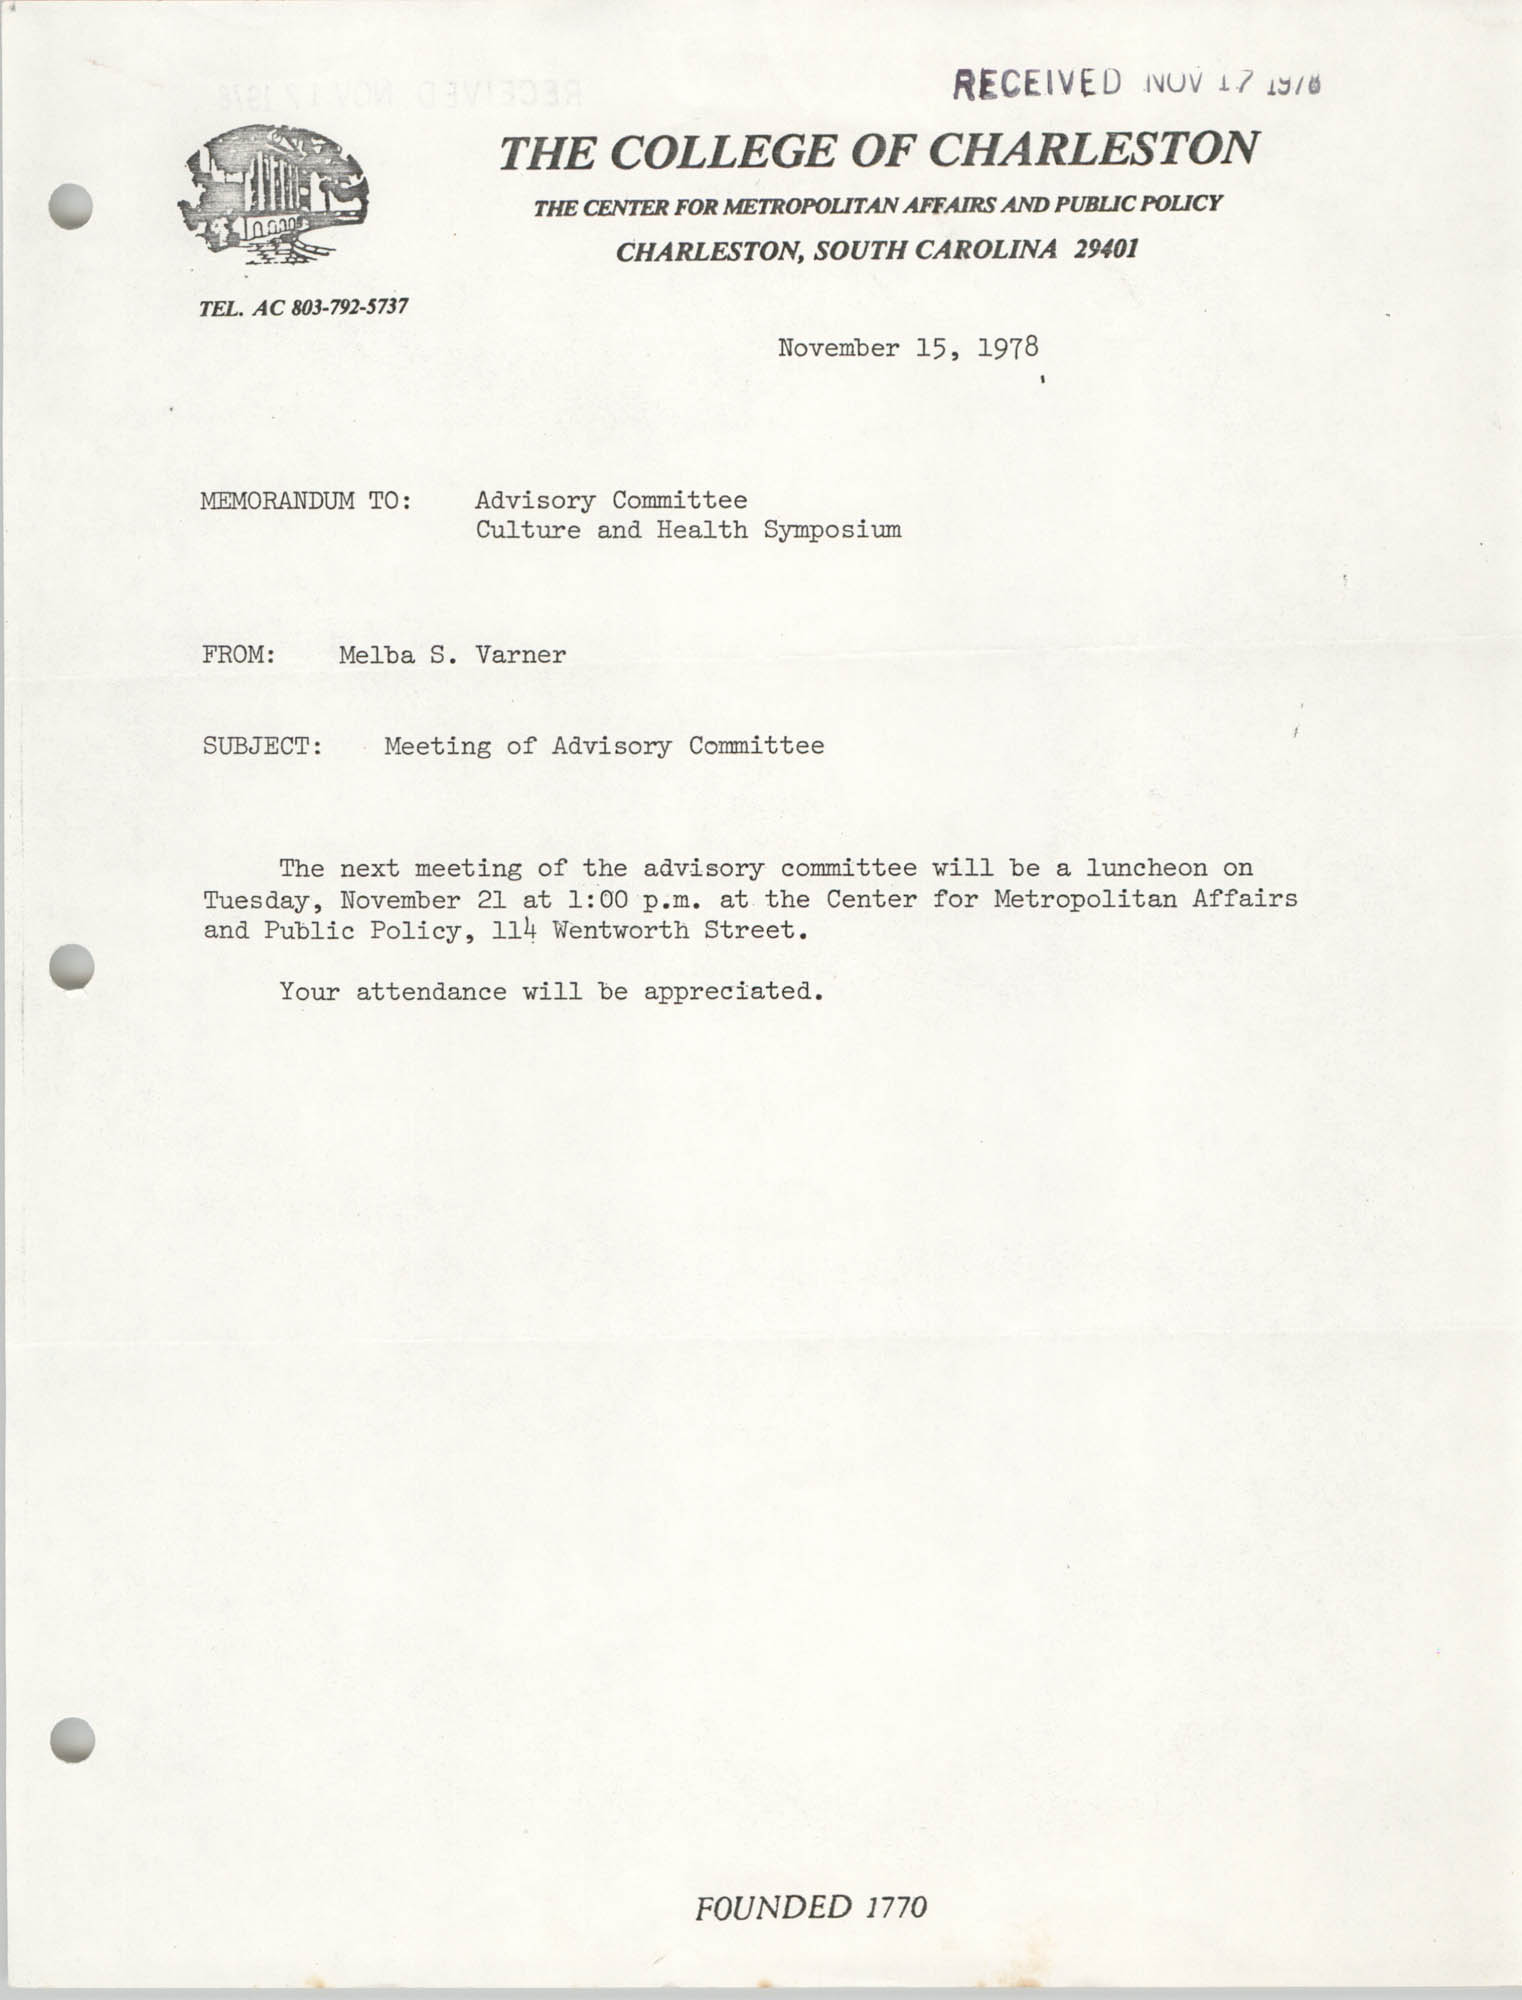 College of Charleston Memorandum, November 15, 1978